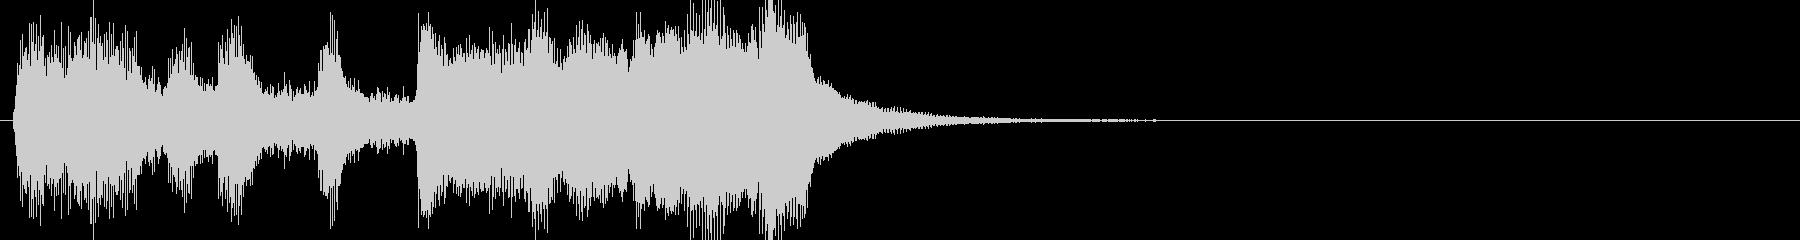 軽い/軽め/小さい ファンファーレ3の未再生の波形